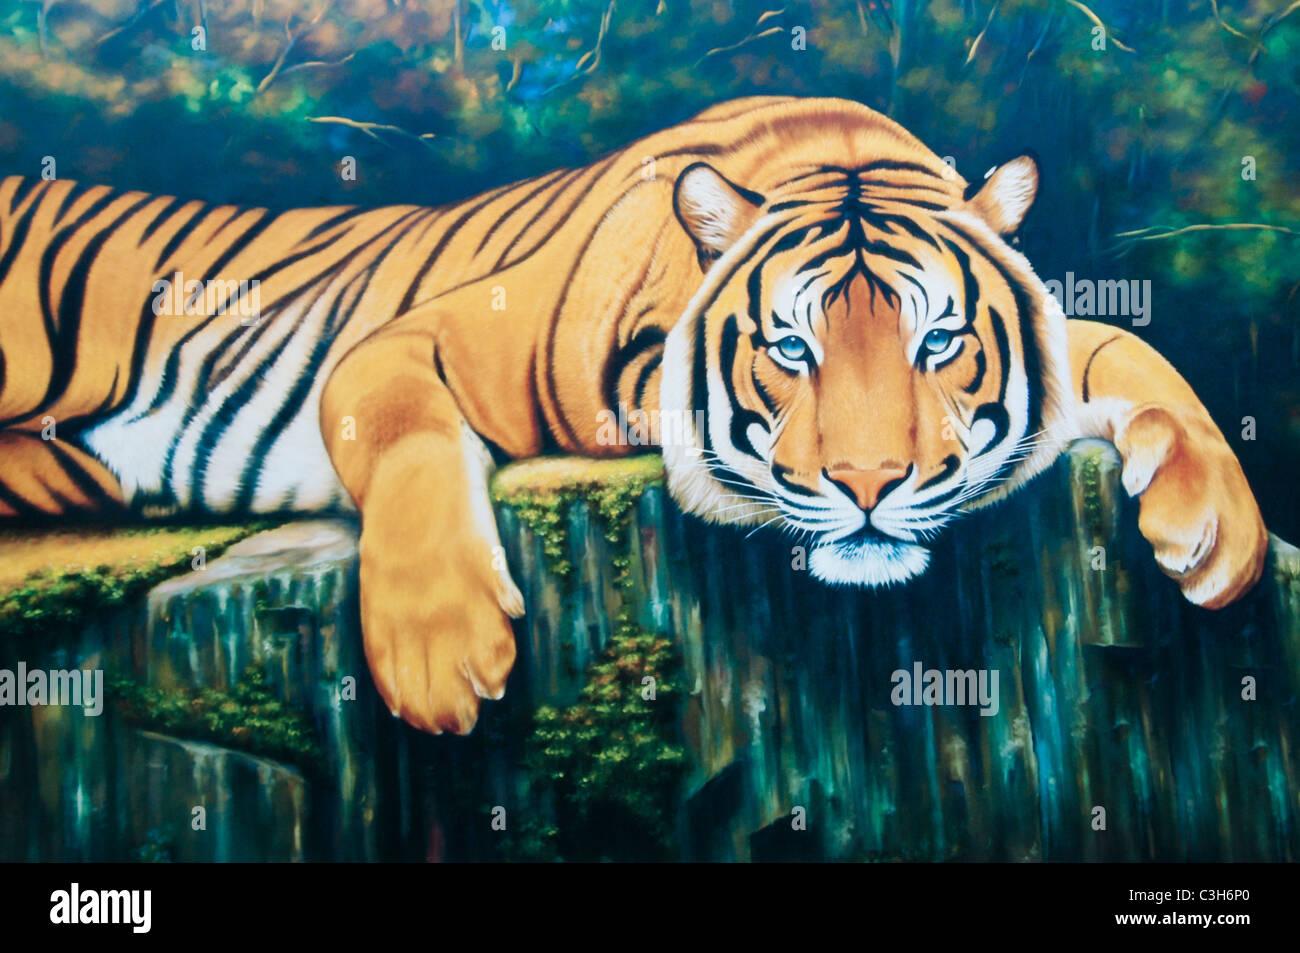 Tigre maschio in appoggio - Olio su tela Immagini Stock